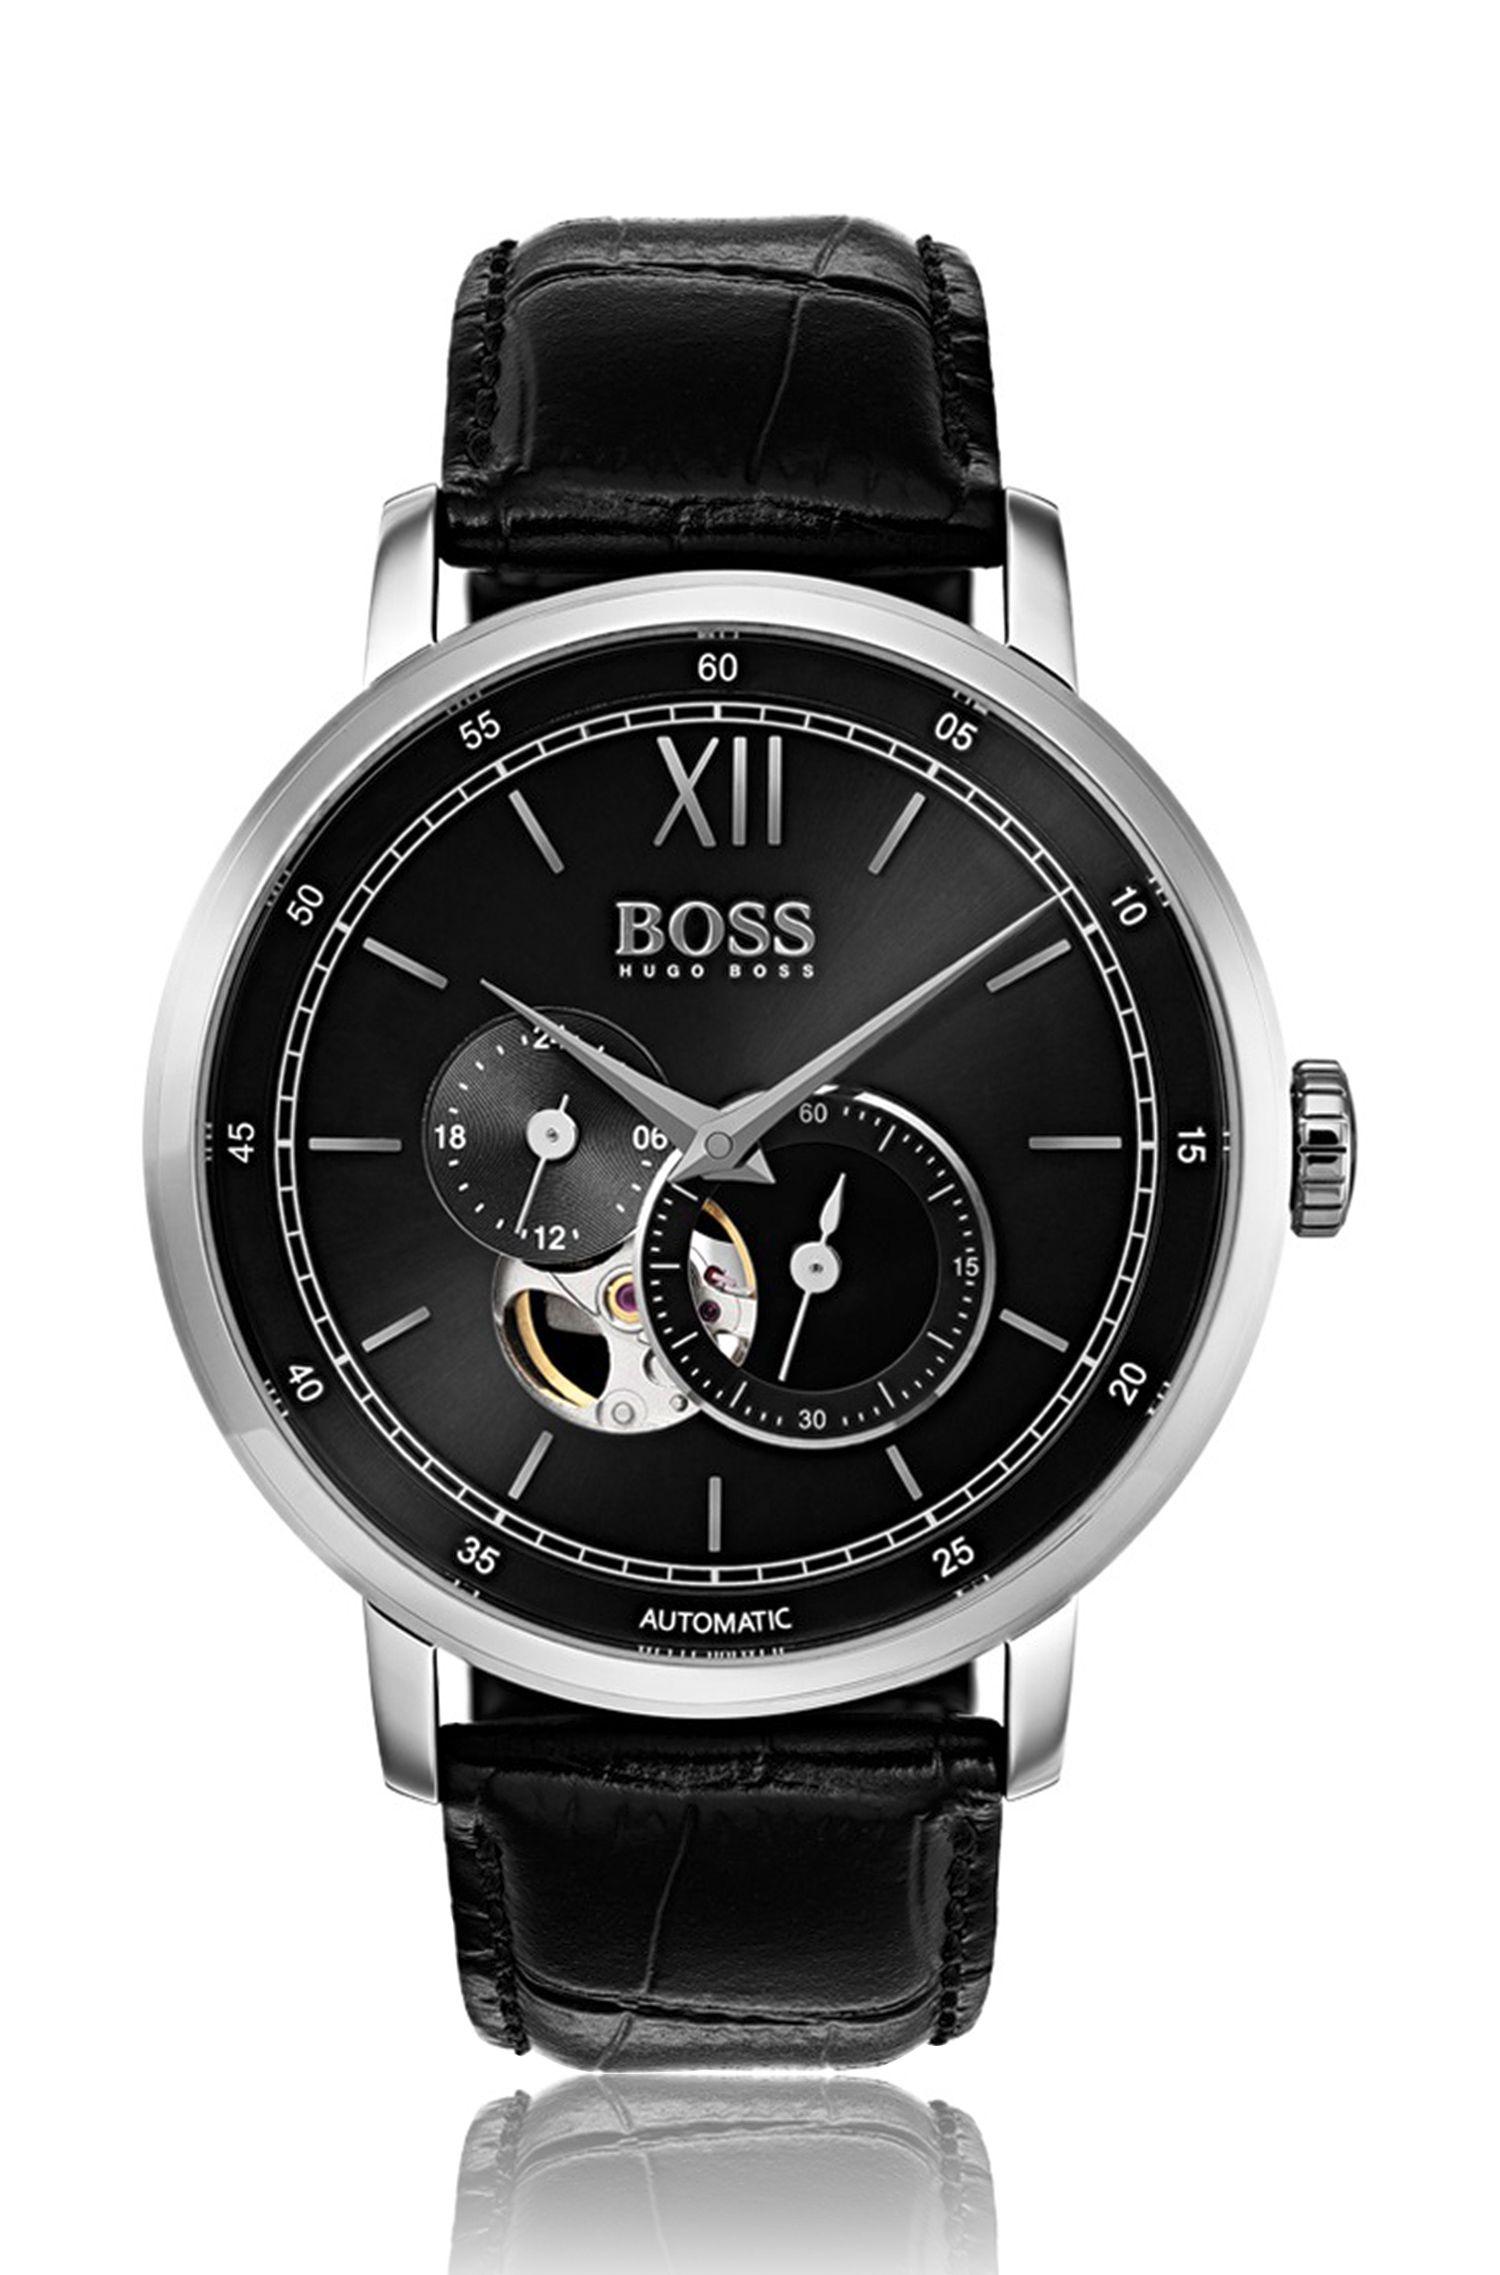 Horloge met meerdere wijzerplaten, zichtbare mechaniek en een polsband met reliëf